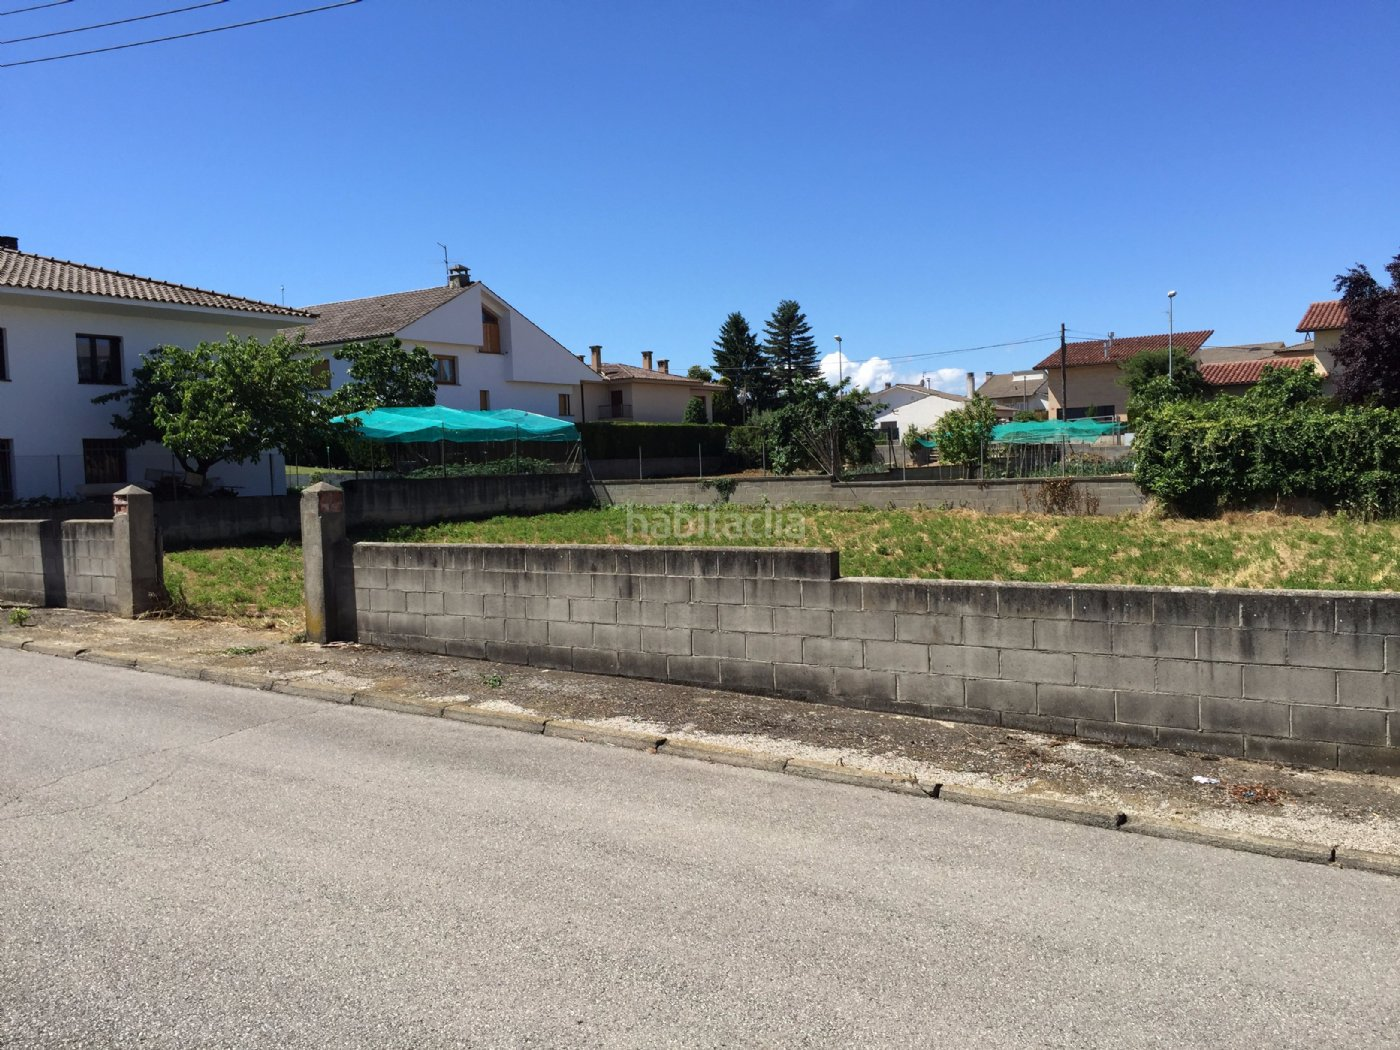 Terreno residencial por de 600 metros carrer for Piscina de torello